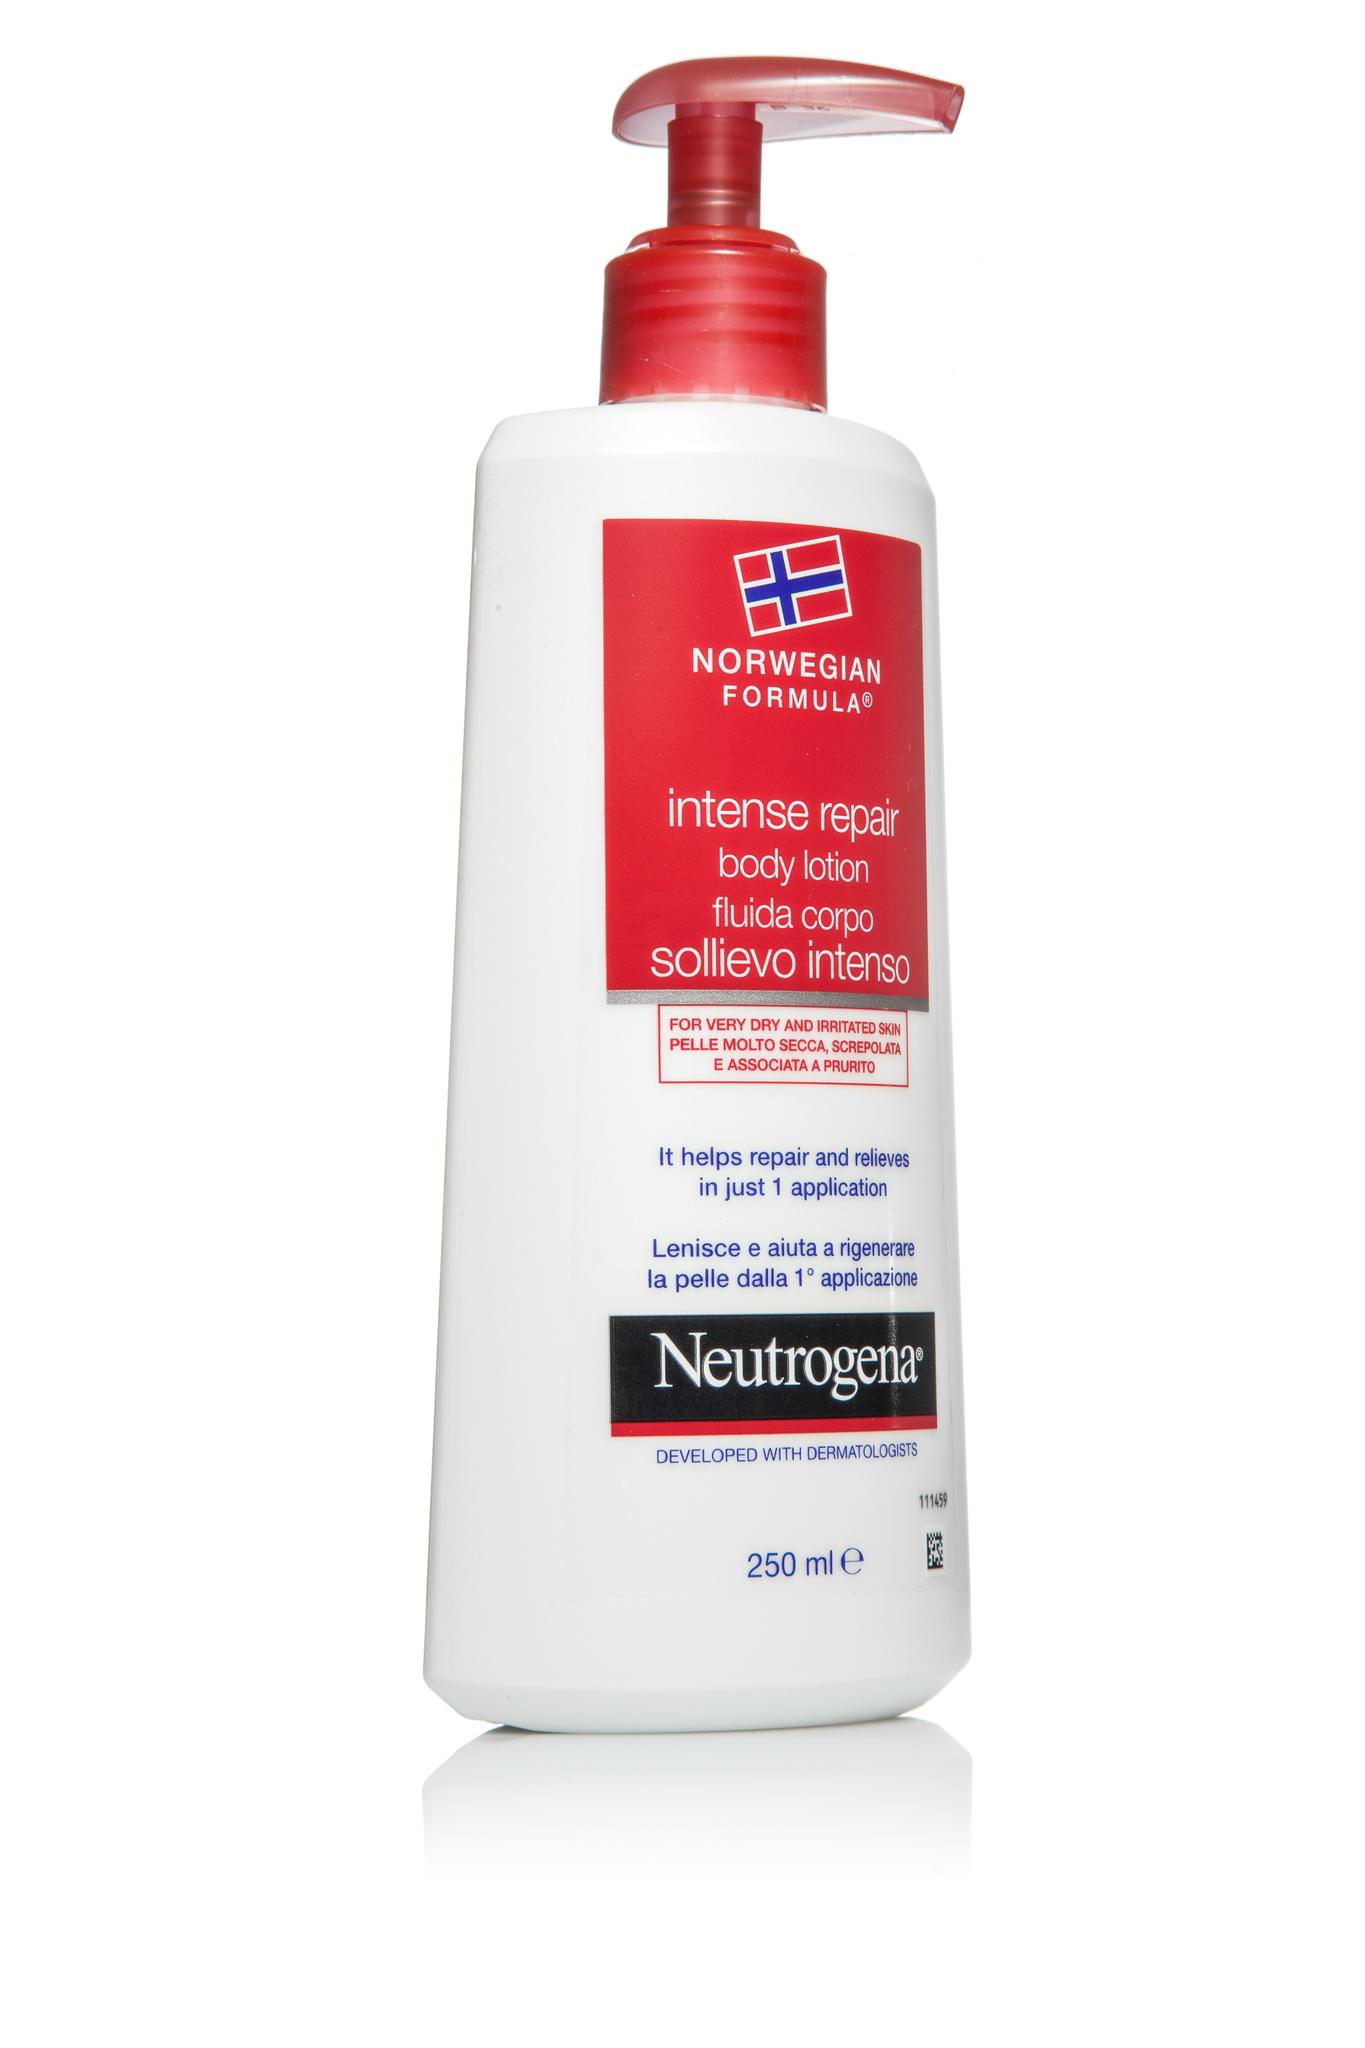 Neutrogena молочко для тела интенсивное восстановление 250 мл.